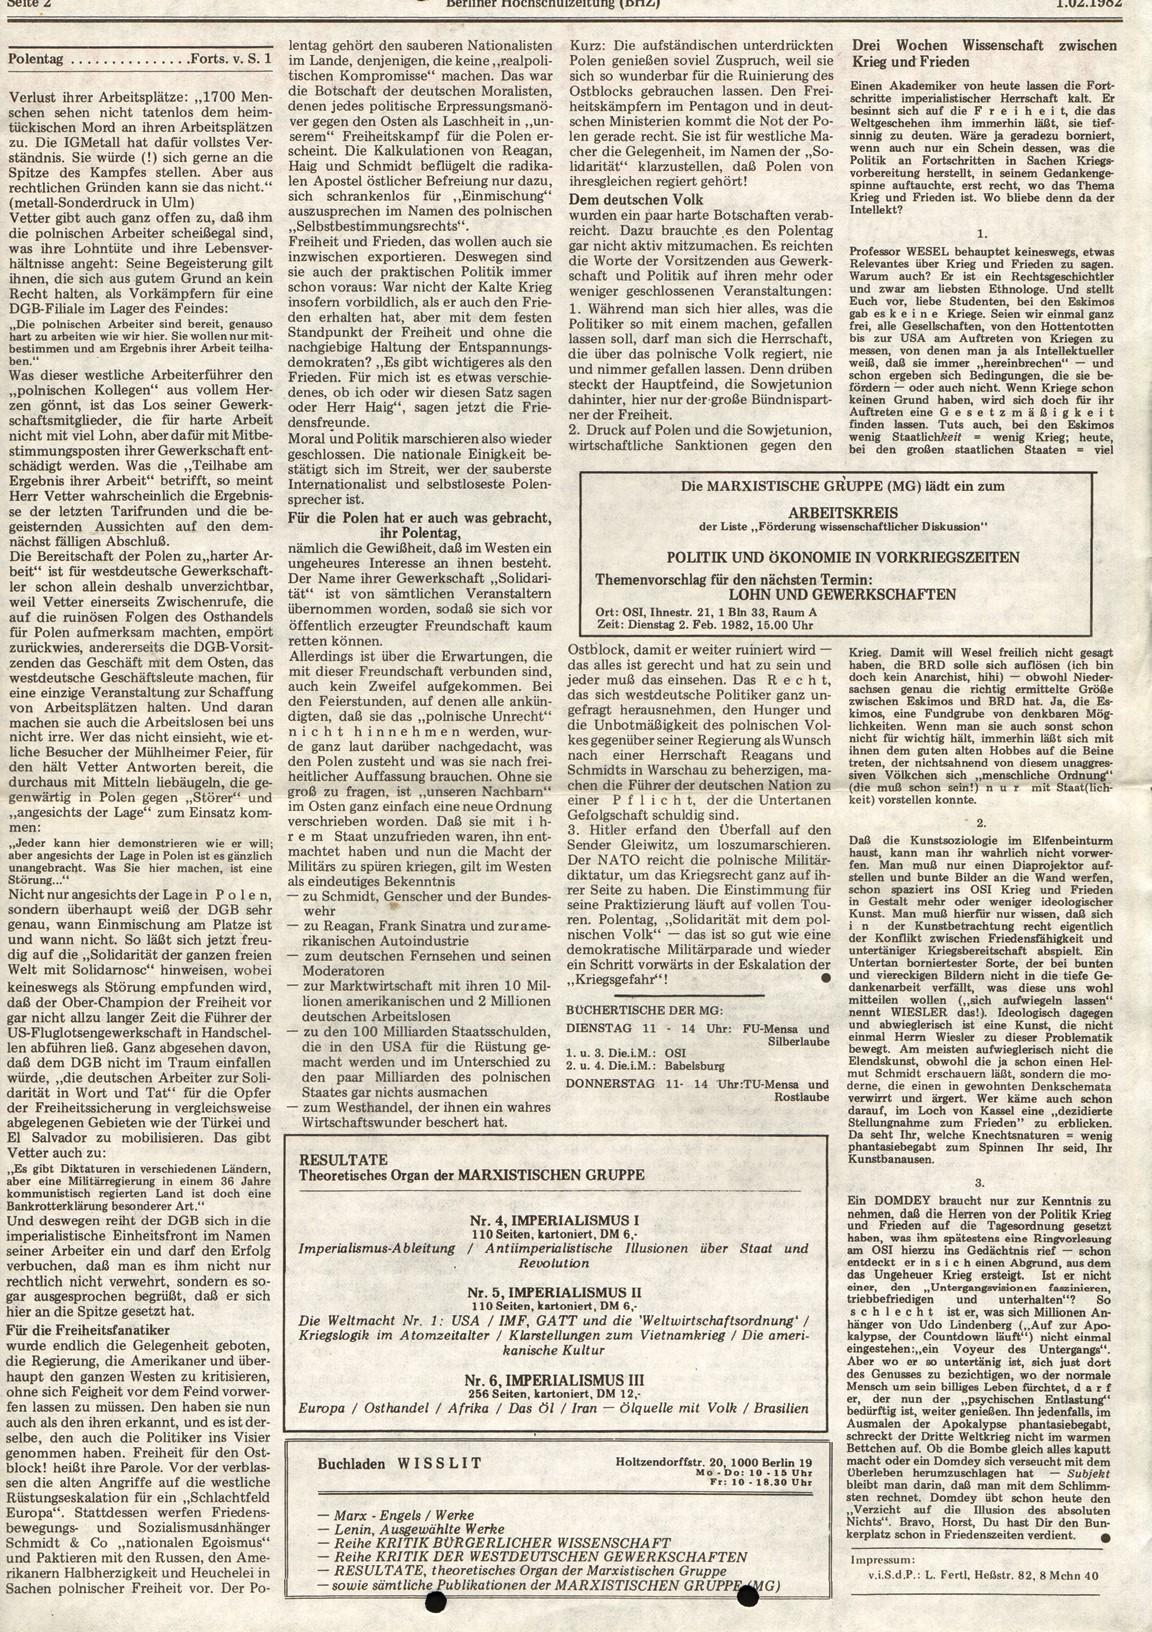 Berlin_MG_Hochschulzeitung_19820201_02